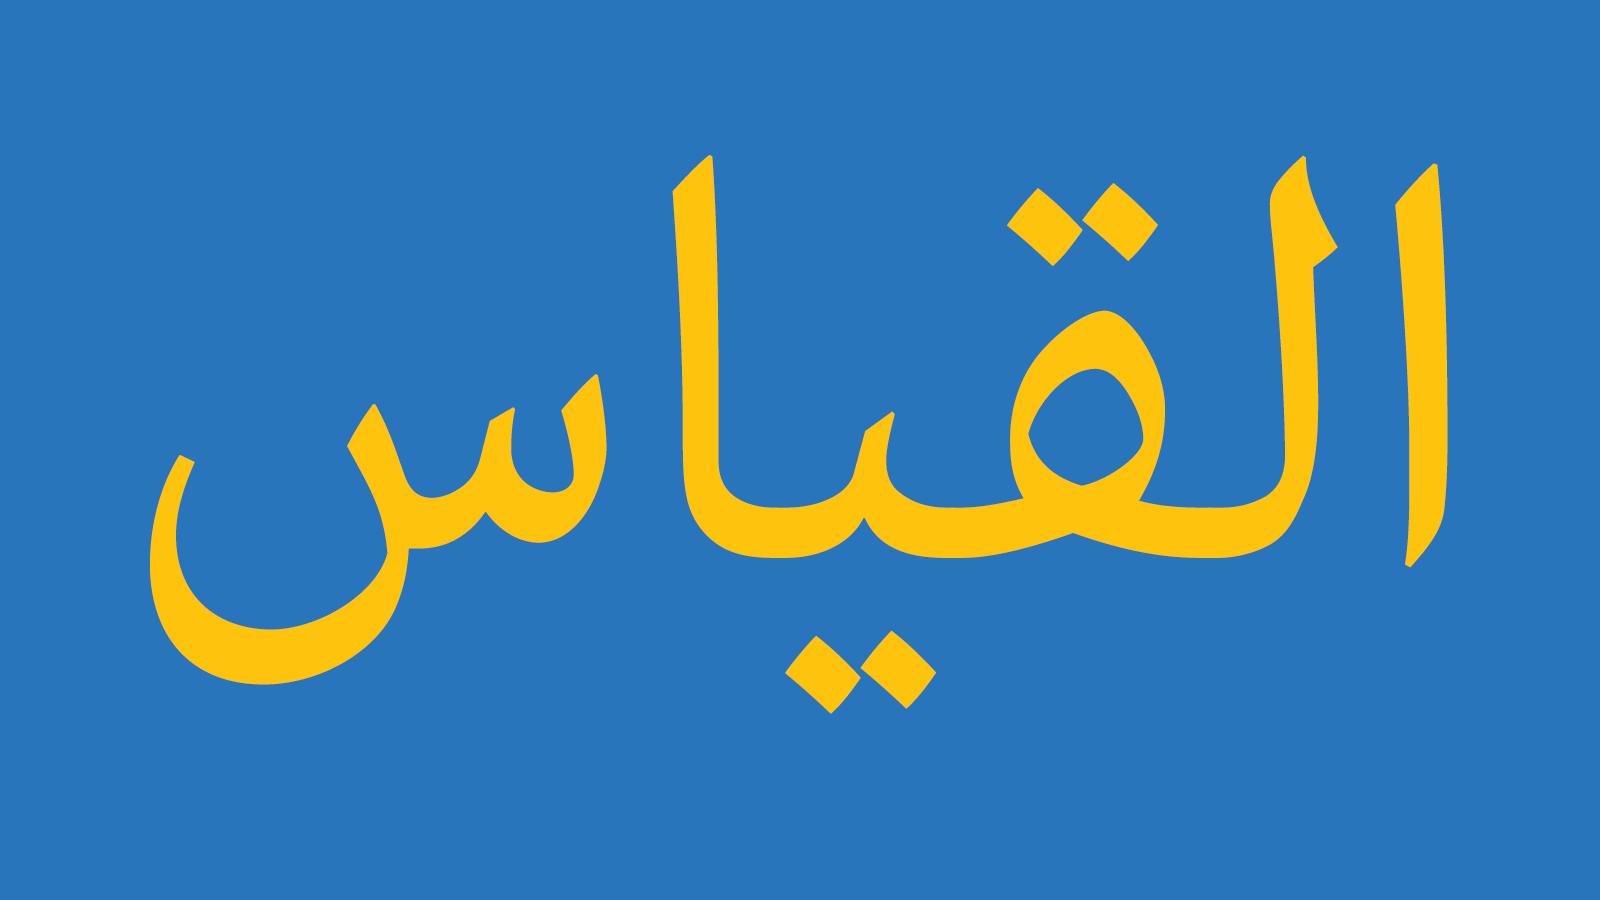 arabeschi-parola